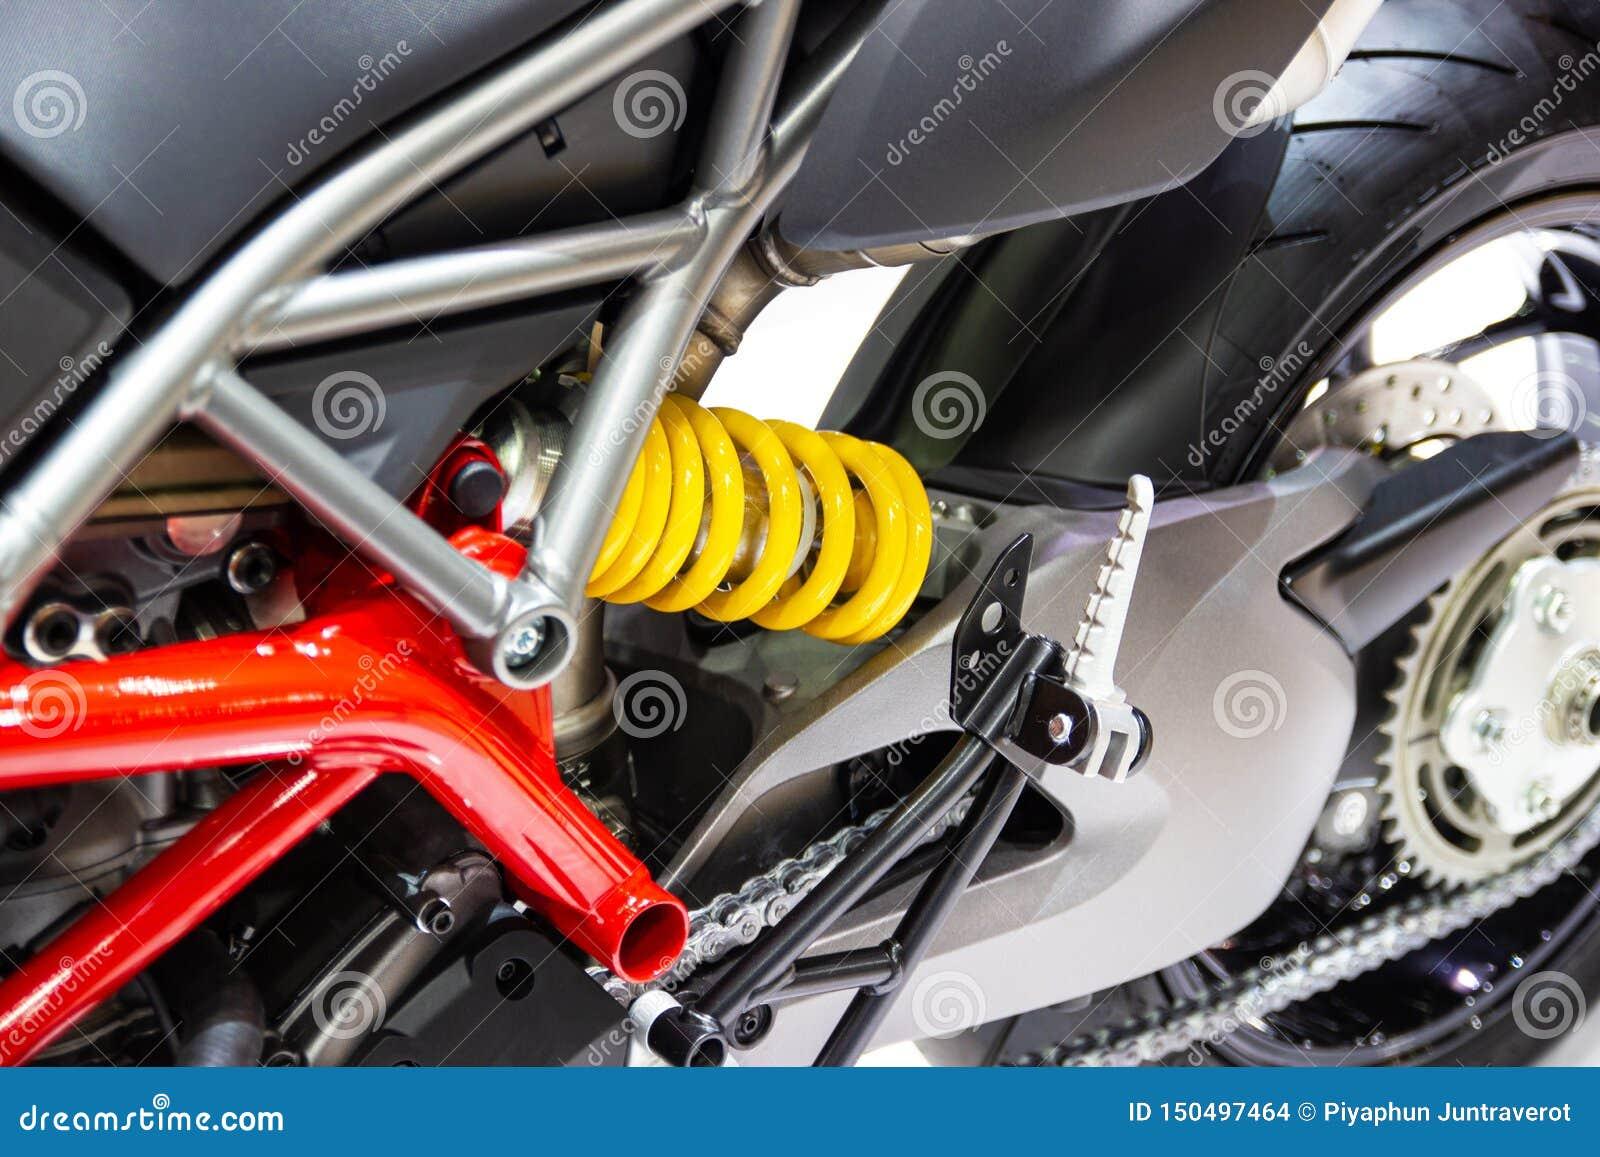 Желтые амортизаторы удара мотоцикла для поглощая ударов